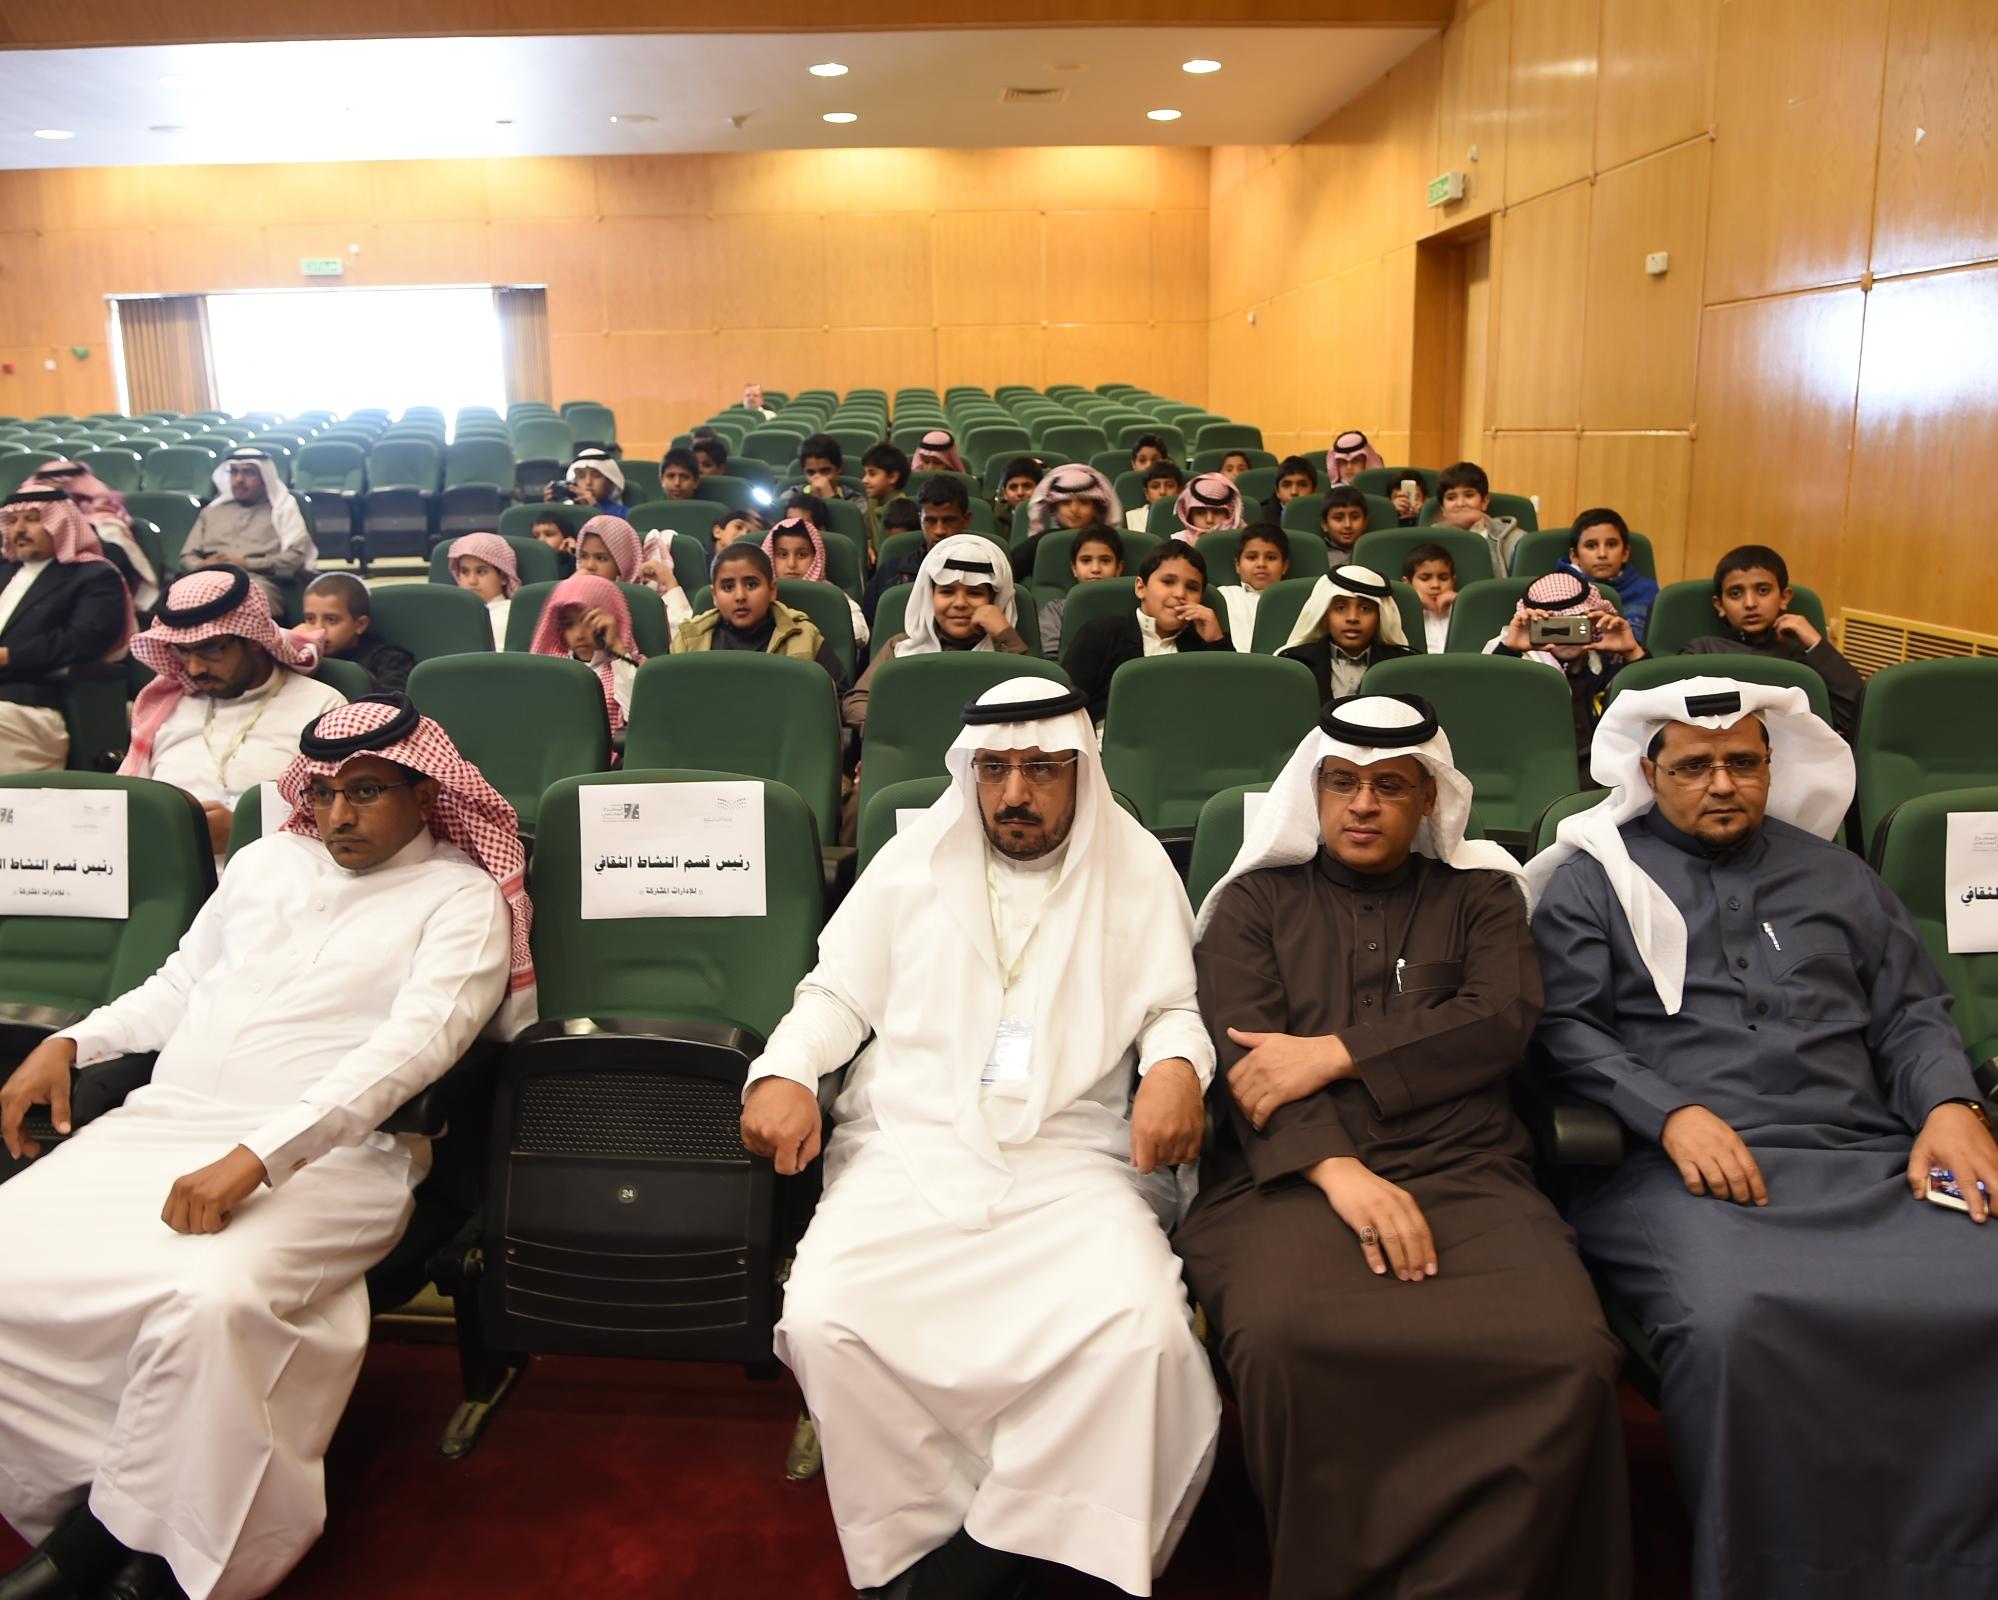 عروض مسرحية في انطلاق مهرجان المسرح المدرسي بعسير (3)